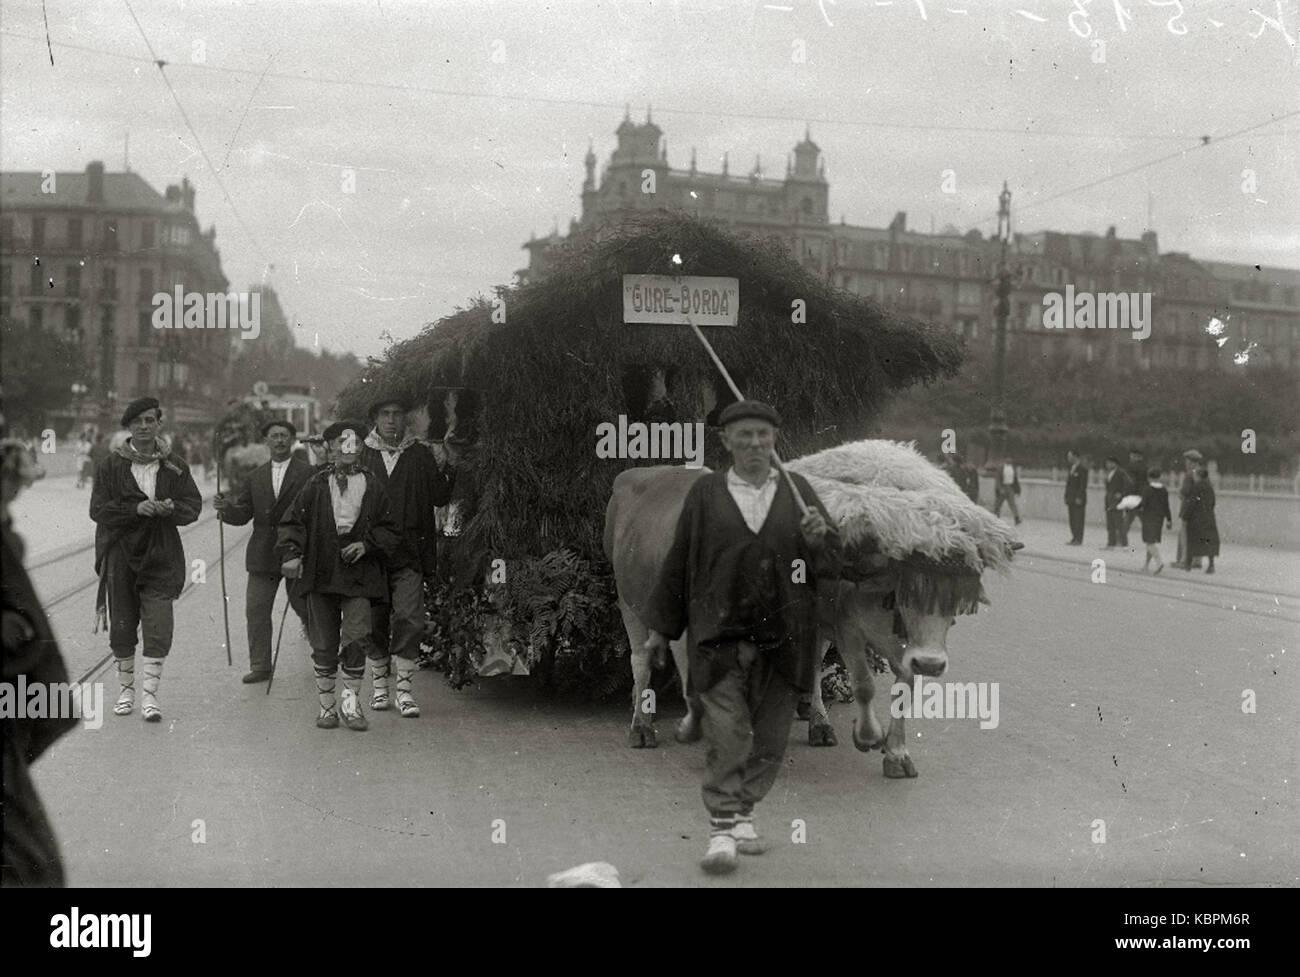 Hombres vestidos de caseros en una carroza tirada por bueyes en el puente Santa Catalina (1 de 1)   Fondo Car Kutxa - Stock Image